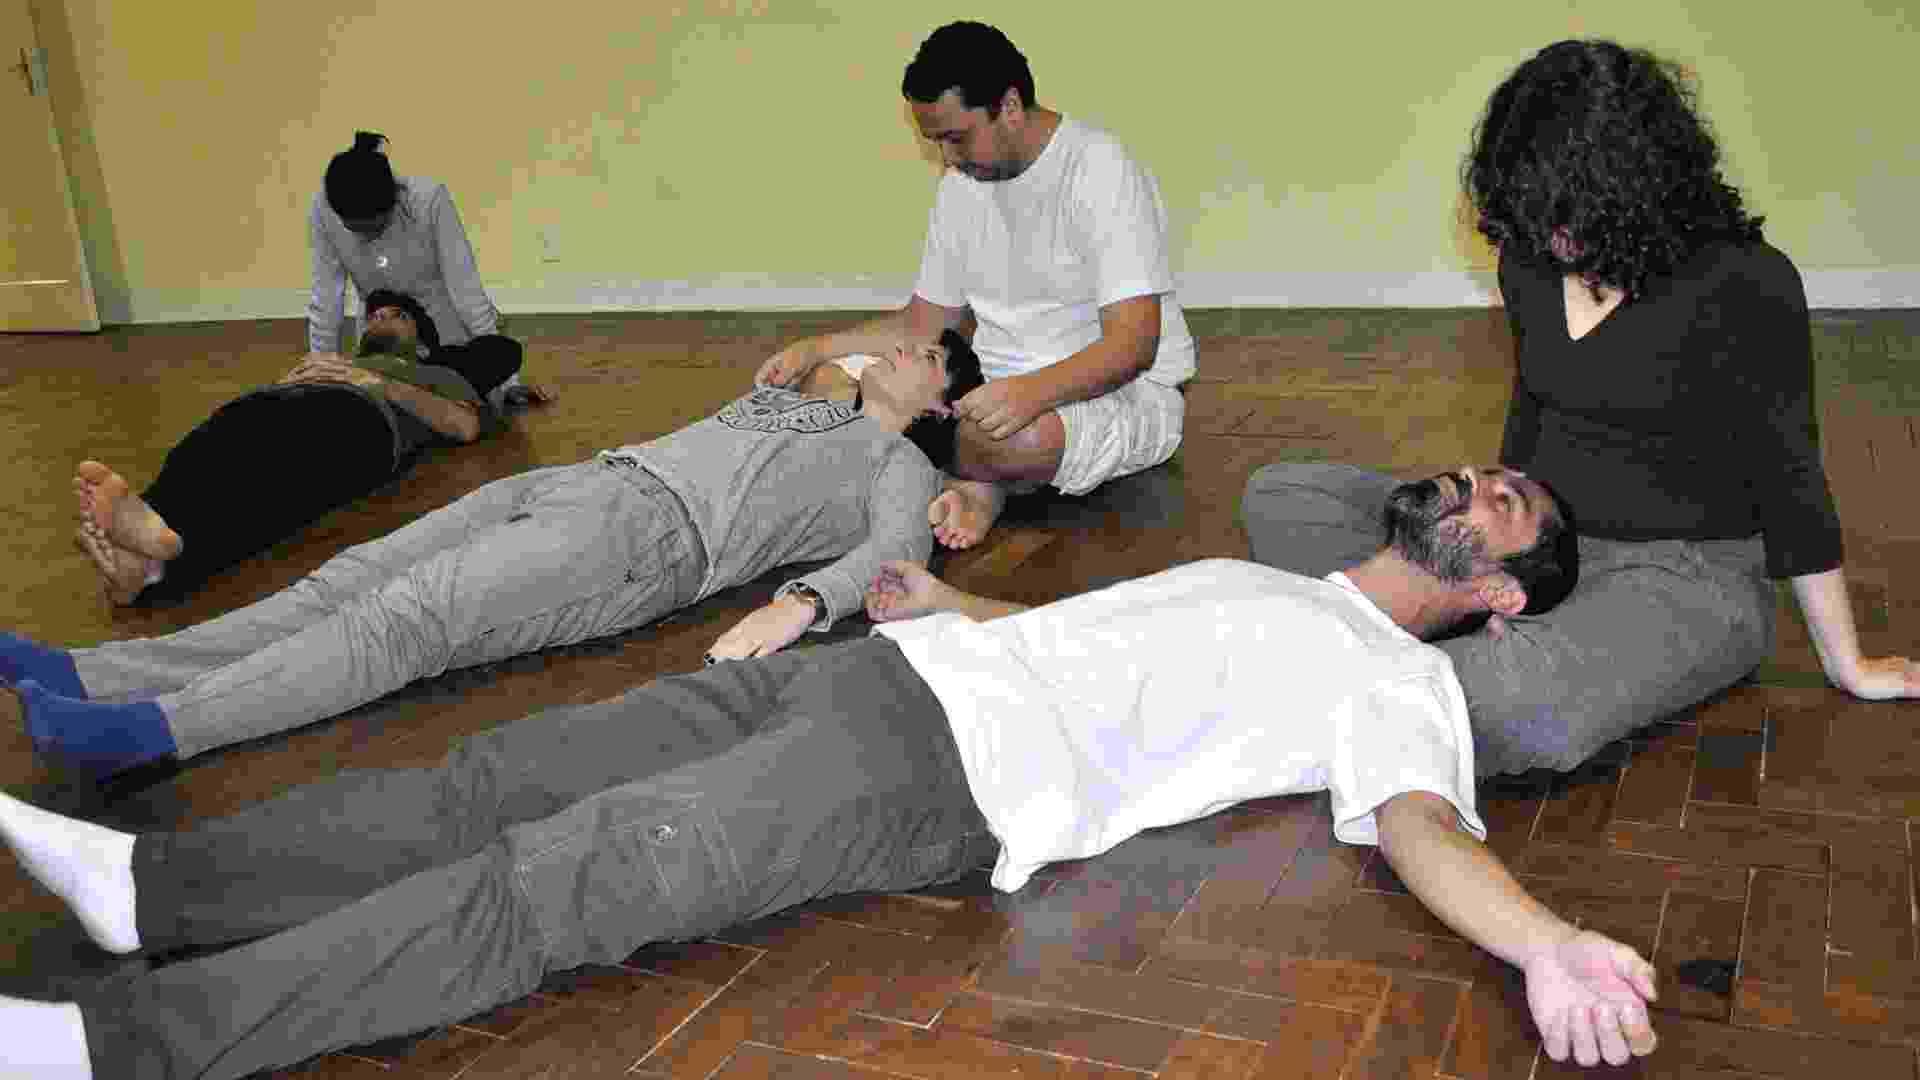 Somaterapia, uma terapia autodenominada anarquista, criada pelo médico psicanalista brasileiro Roberto Freire, na efervescente década de 1970 - Paula Nogueira